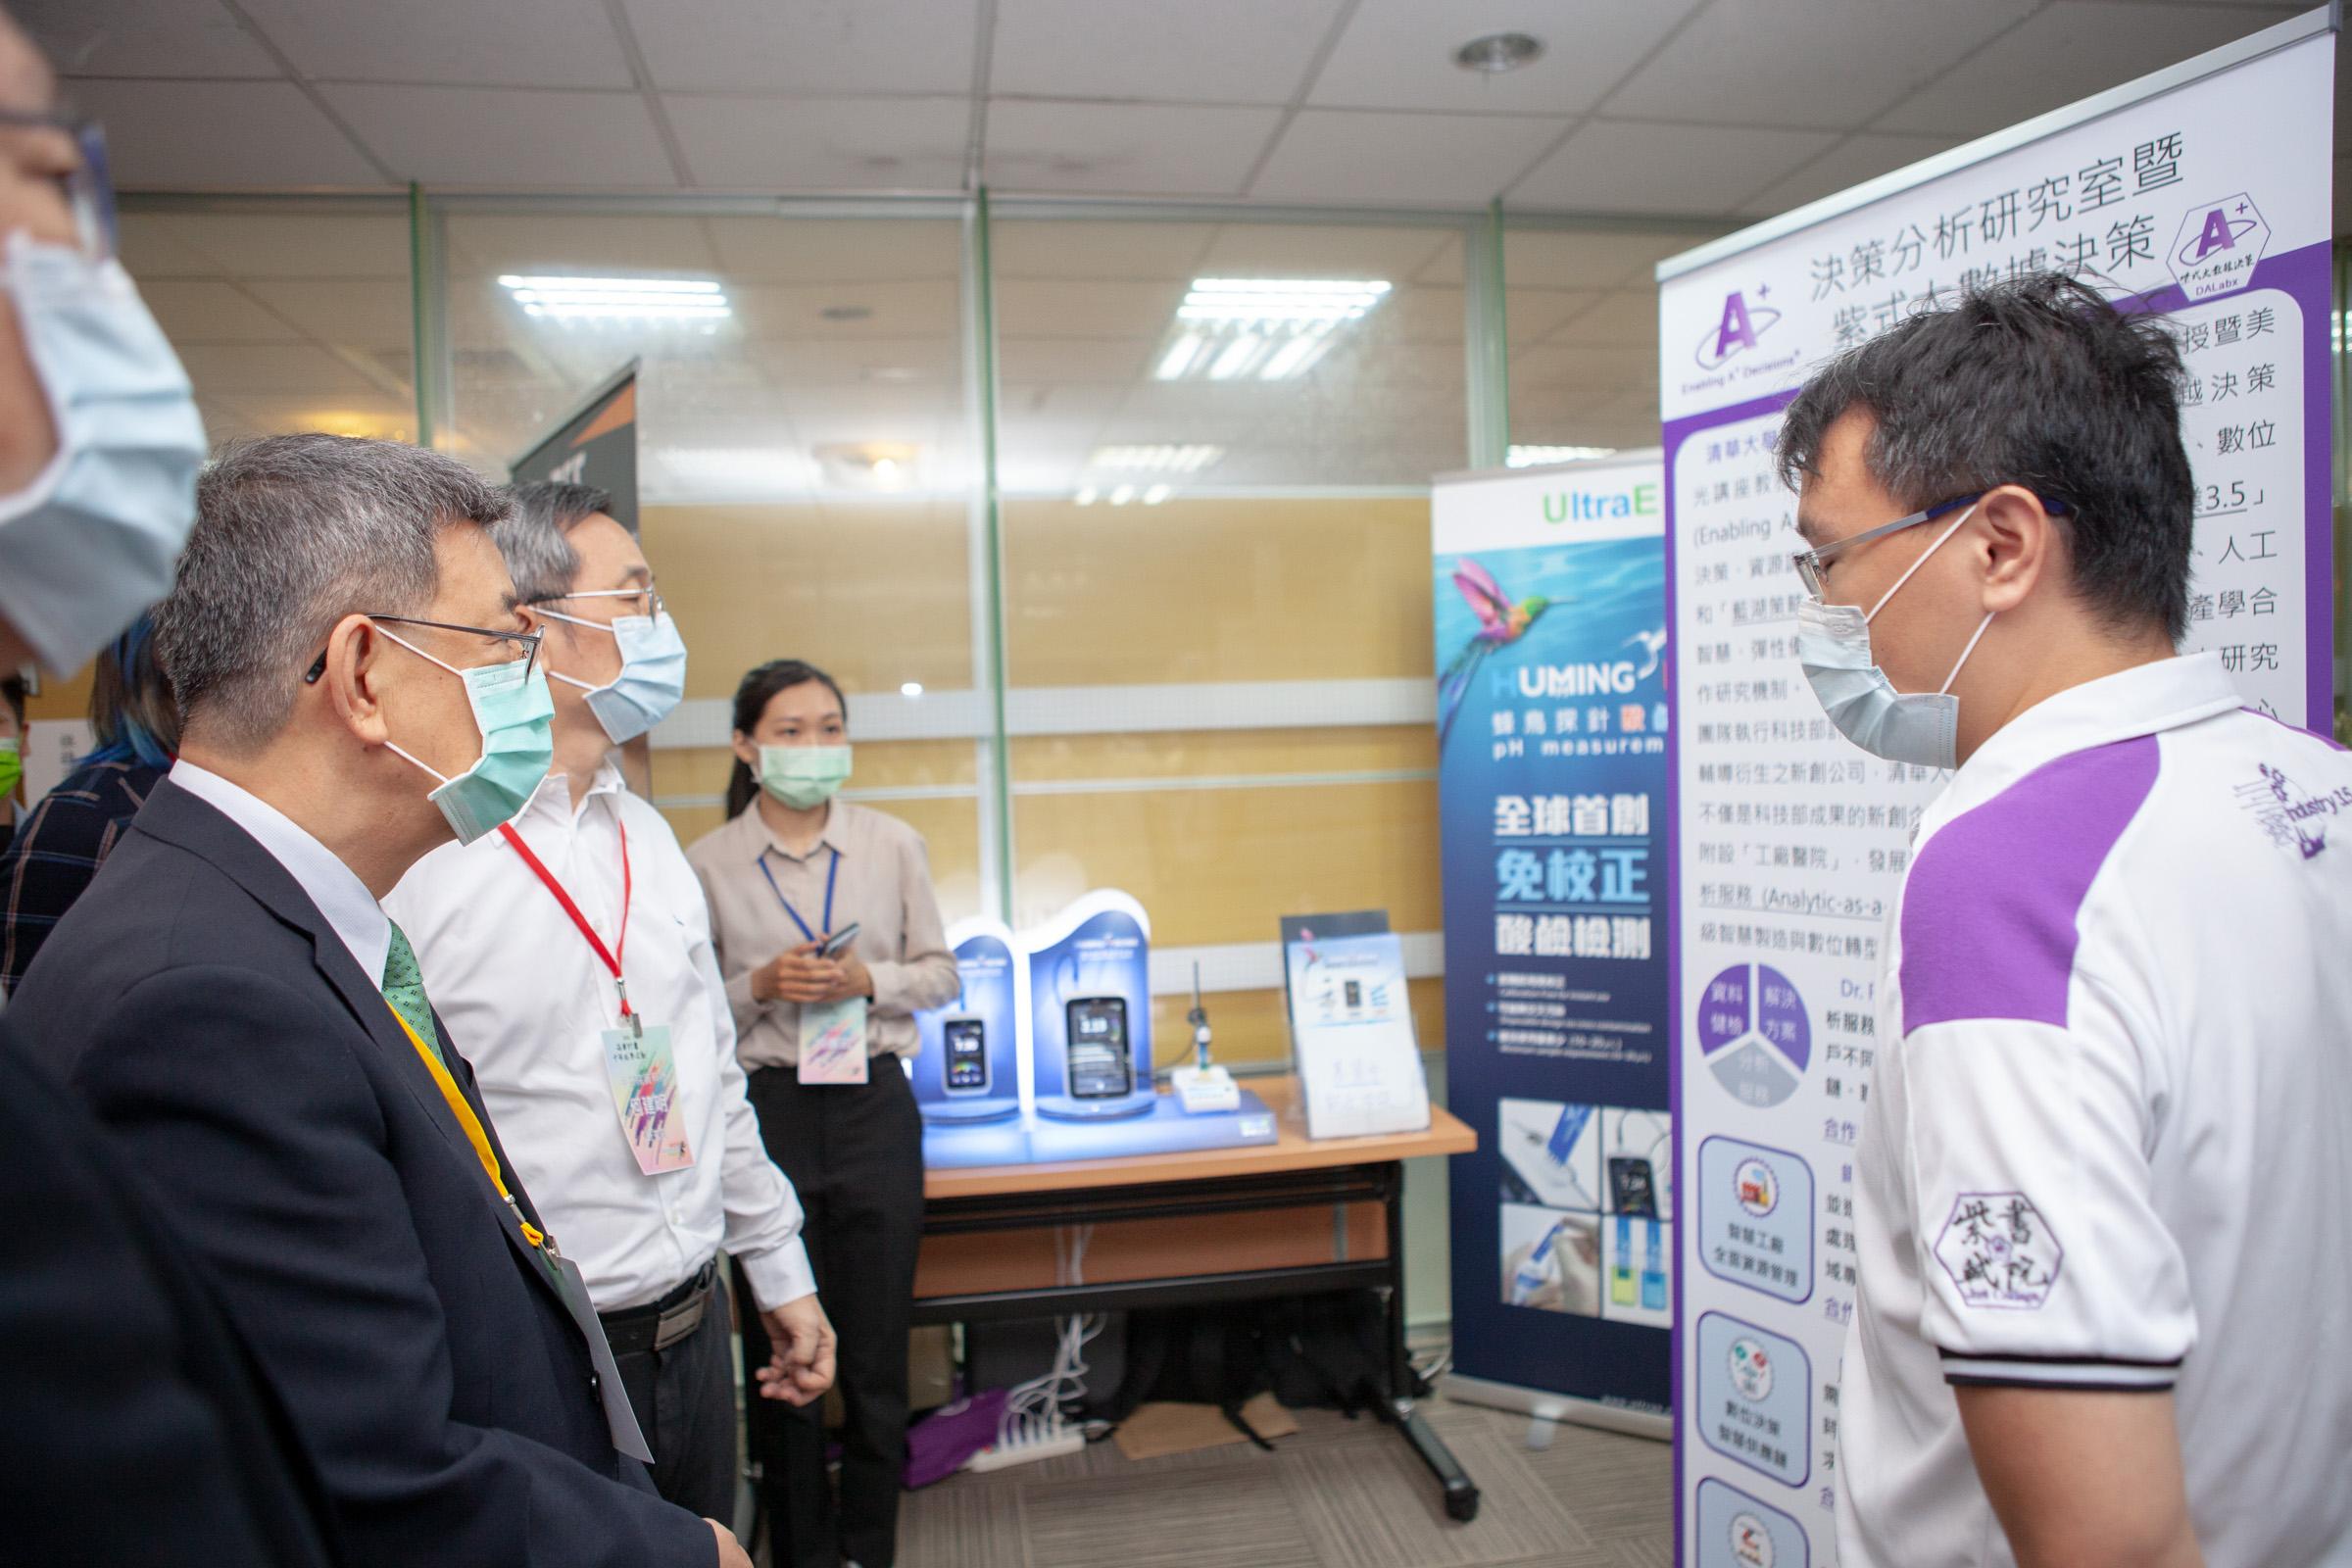 團隊參加科技部萌芽計畫展覽並與前副總統陳建仁與科技部長進行介紹